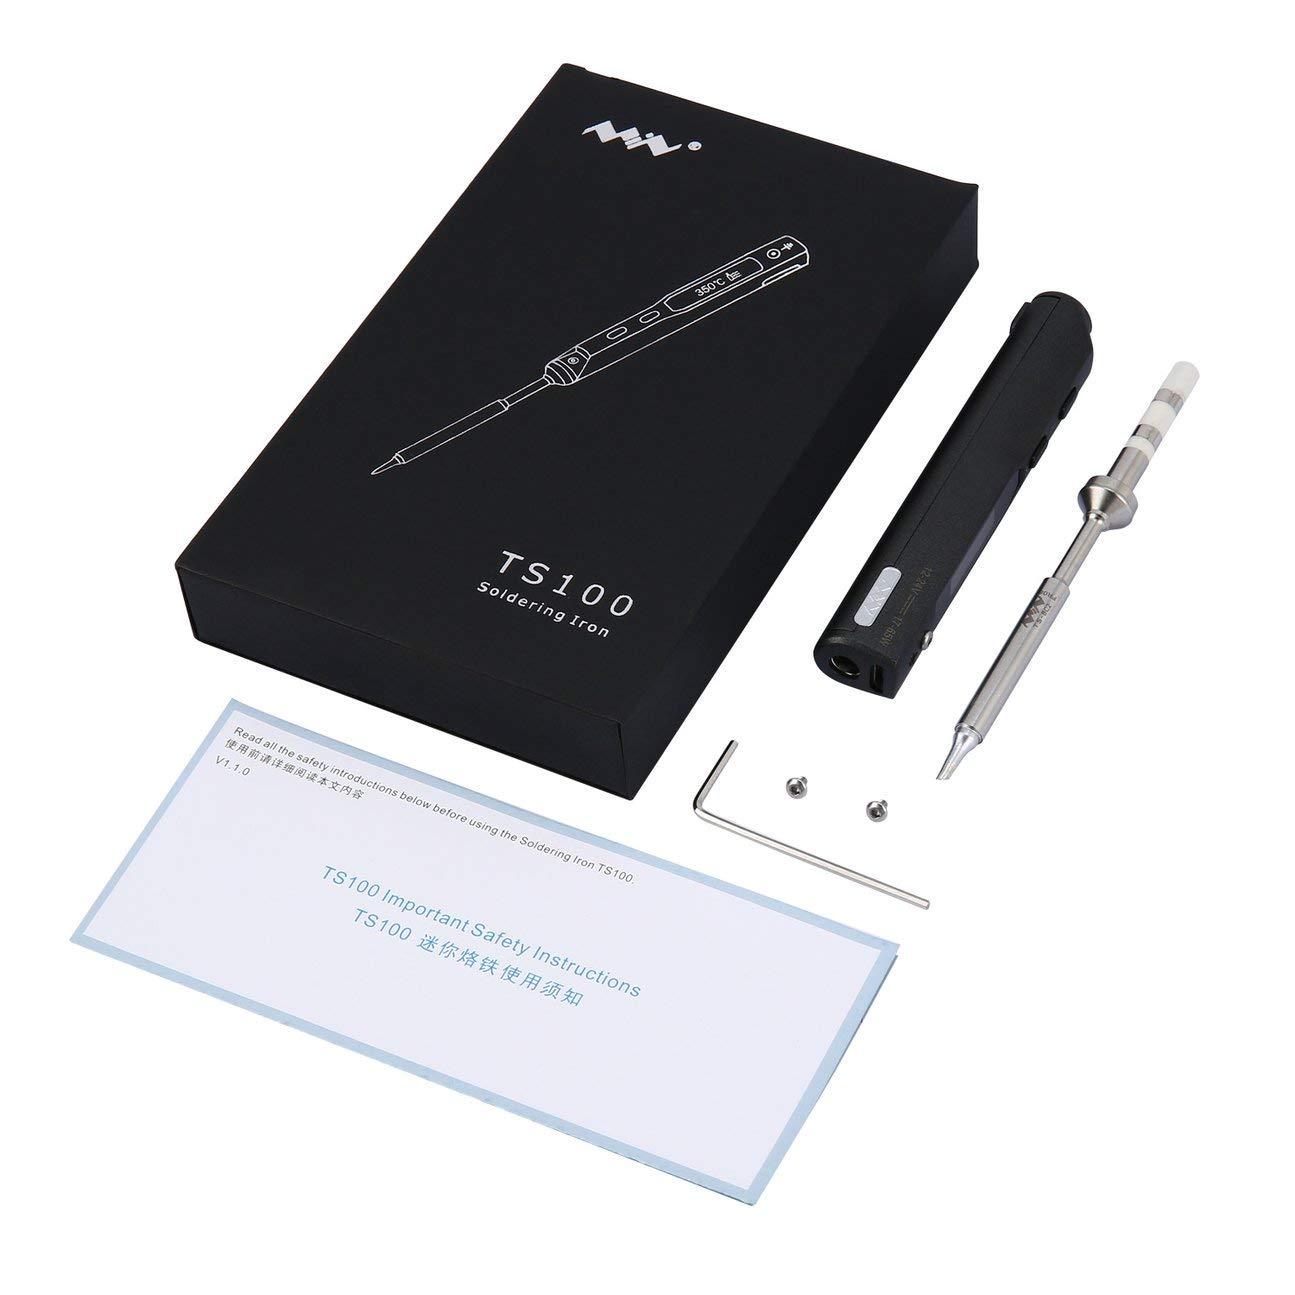 Elegante 1 juego Mini portátil 65W Programable TS100 Soldador eléctrico LCD digital Diseño de fácil desmontaje ahorrando espacio Negro: Amazon.es: Bricolaje ...